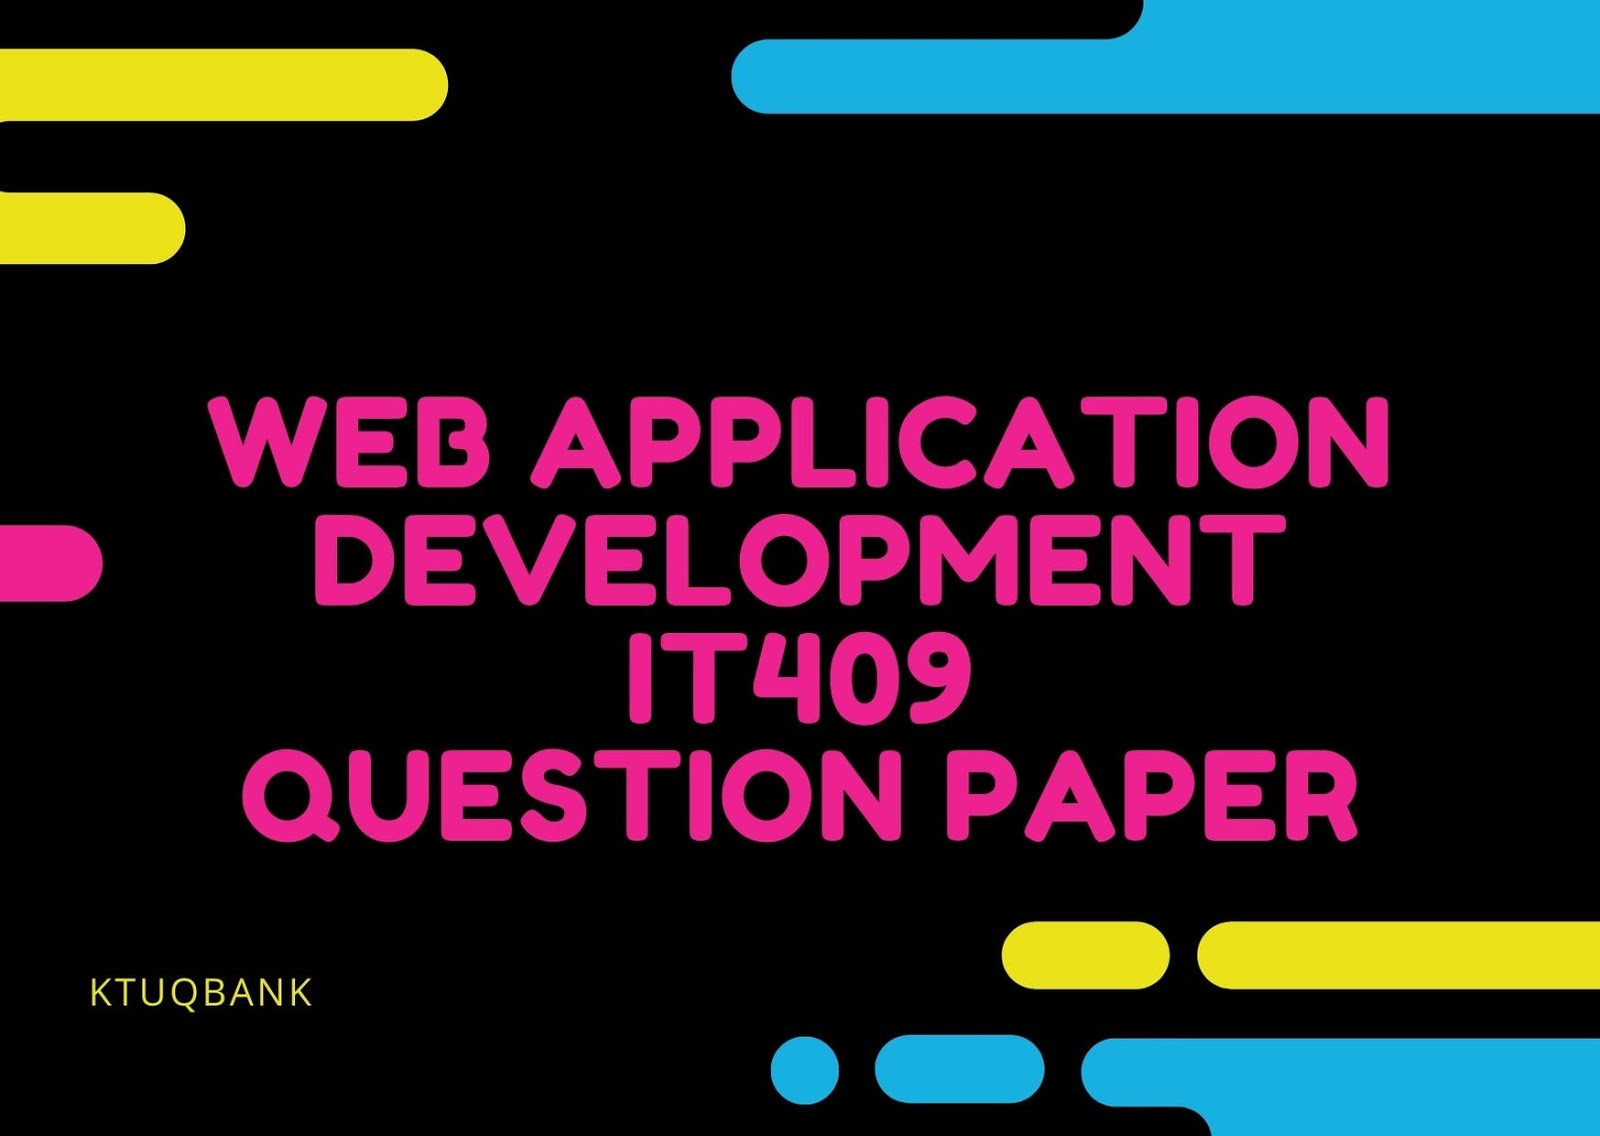 Web Application Development | IT409 | Question Papers (2015 batch)